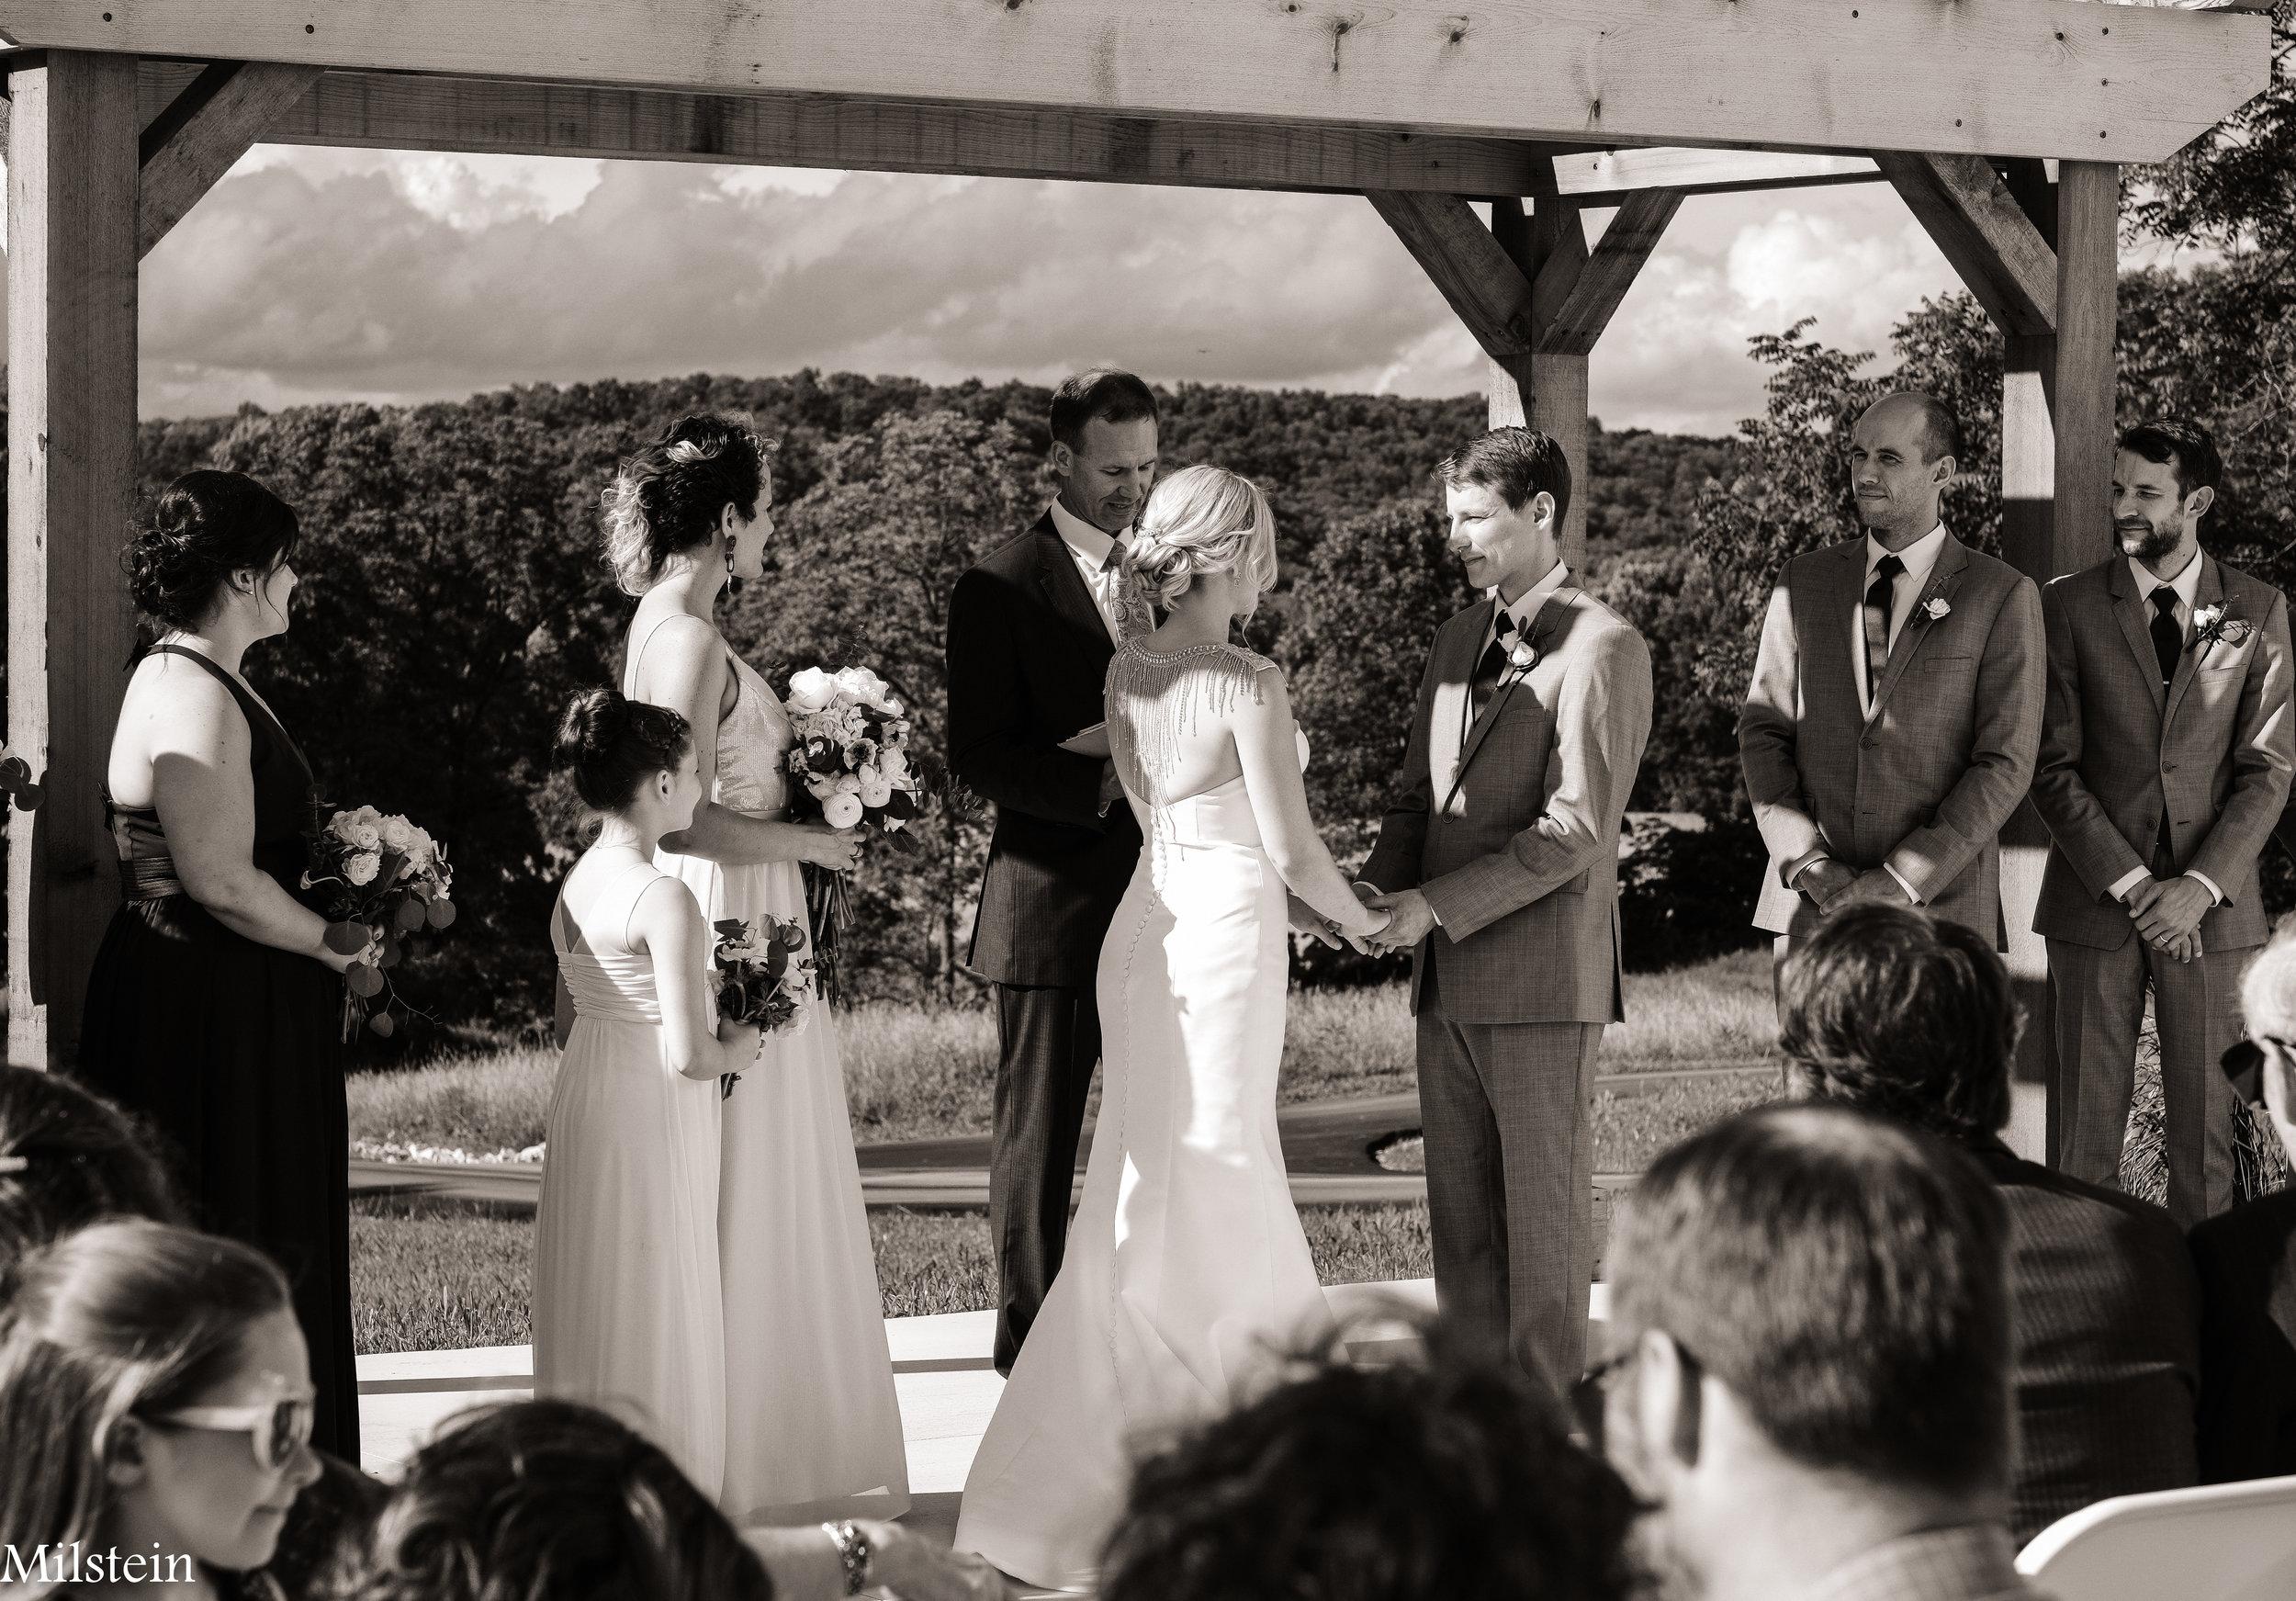 Amy-Milstein-Wedding-Photography-NYC